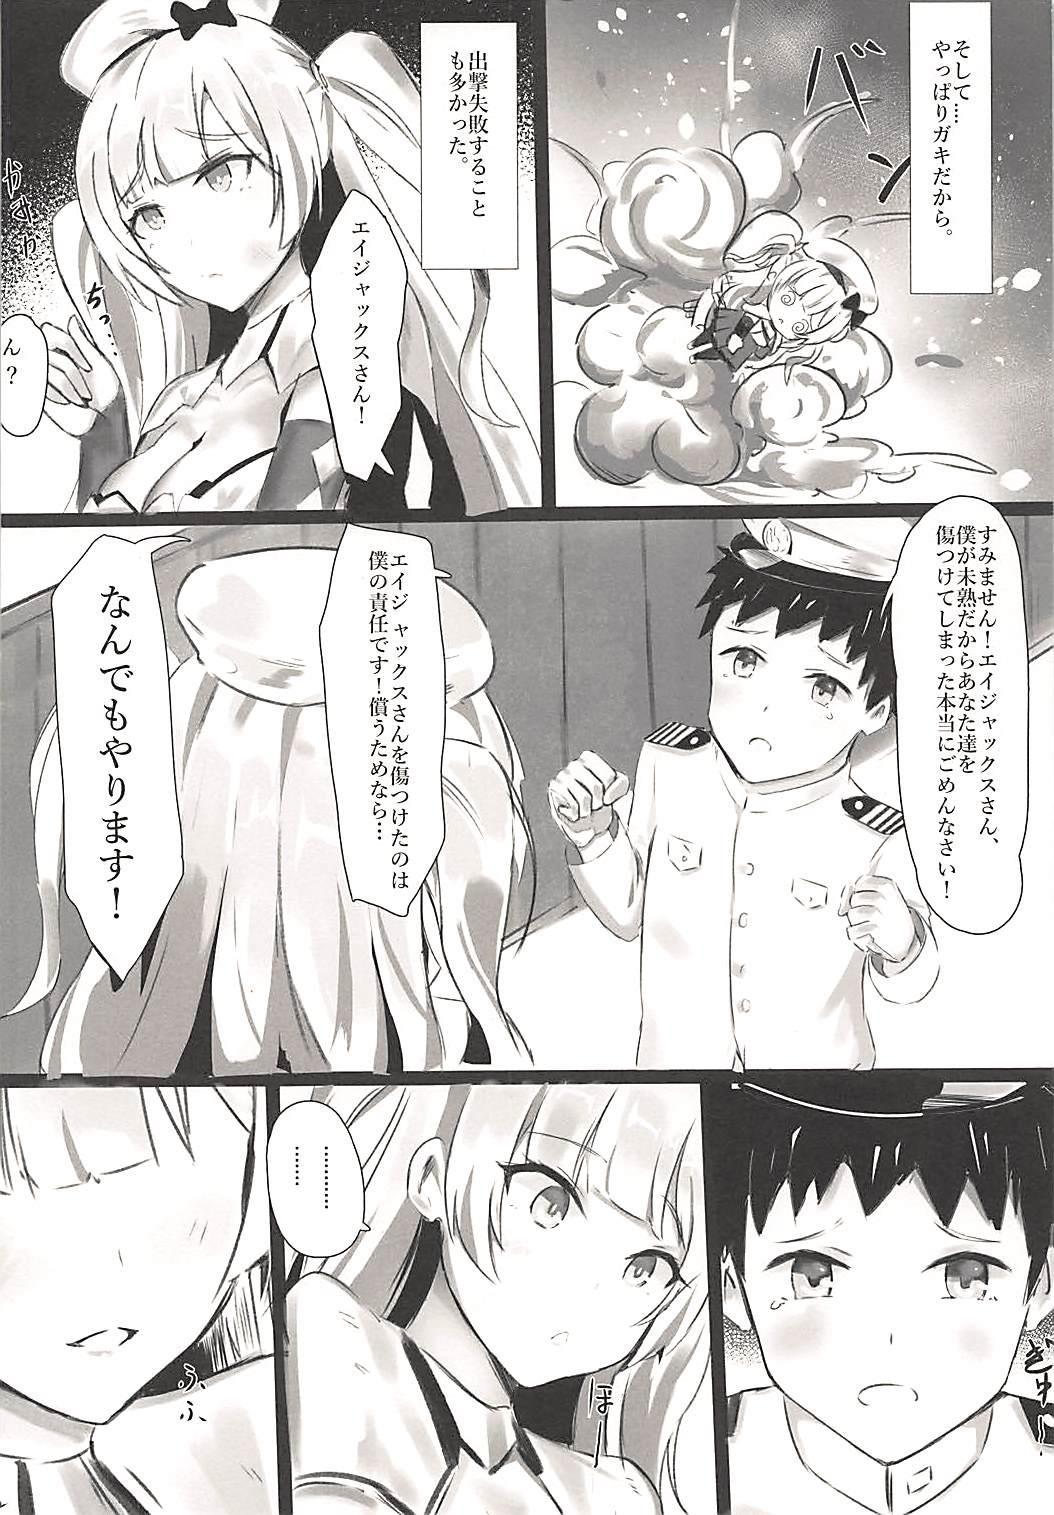 (C94) [Katsu Tights (Kakumayu)] Ajax-sama no Kawaii Kobuta-chan no Sodatekata (Azur Lane) 2